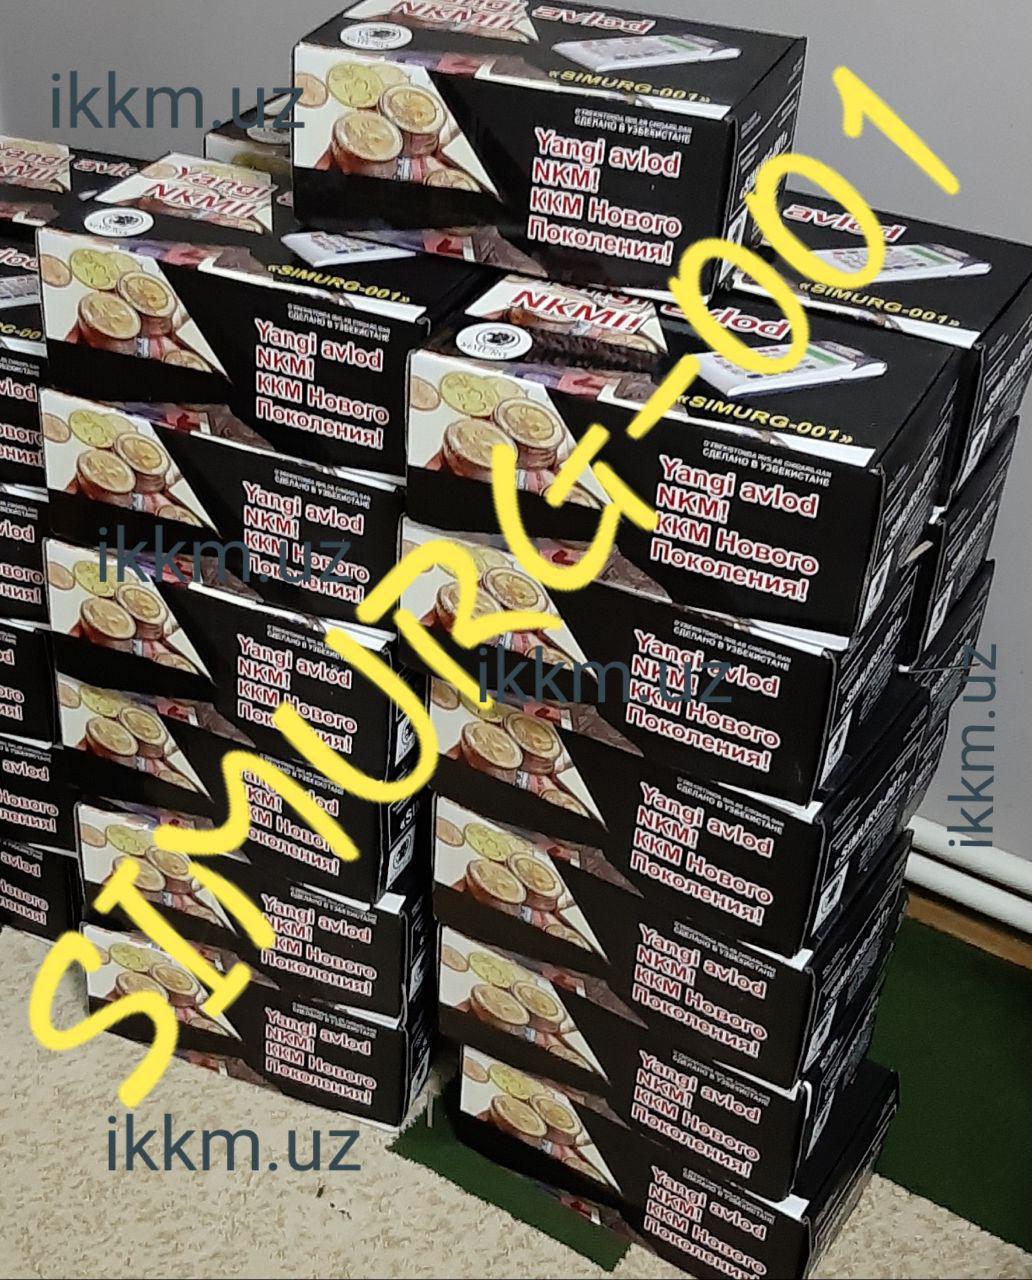 Купить онлайн ККМ Simurg 001